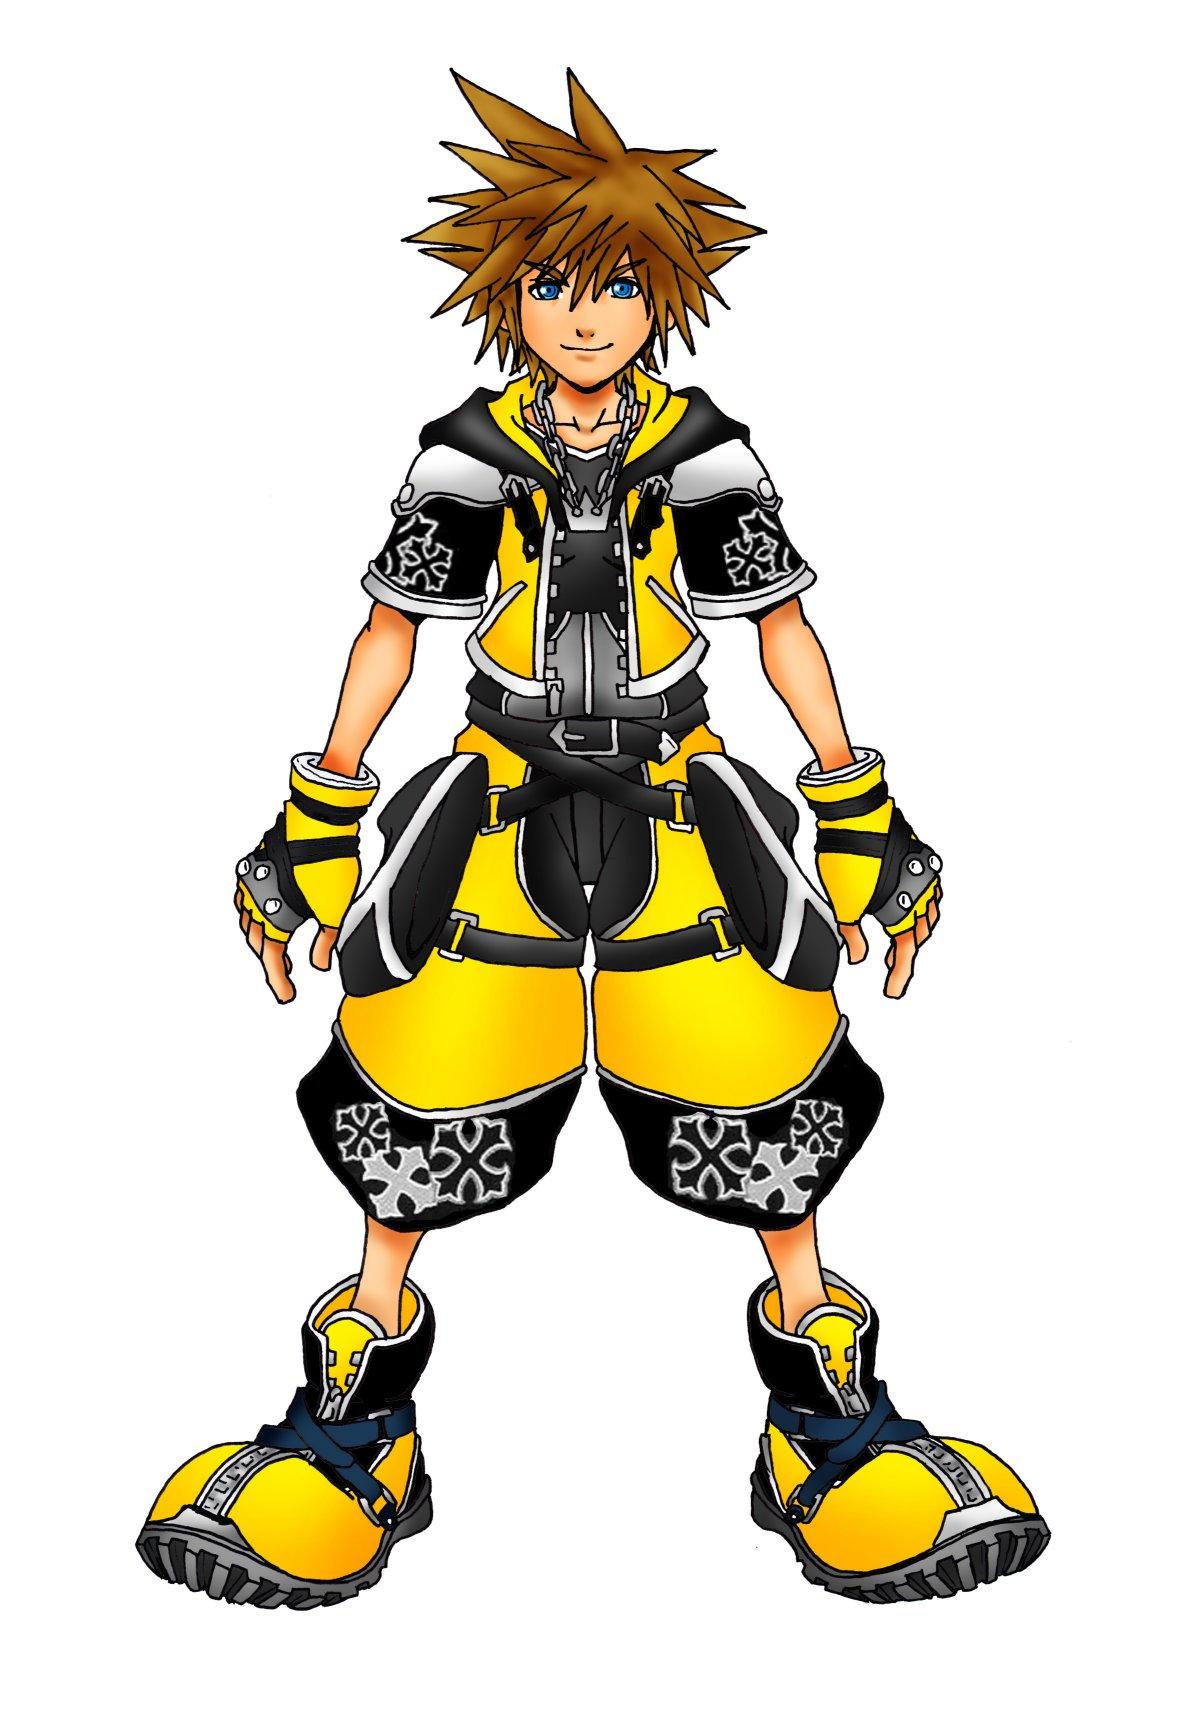 Kingdom Hearts 2 Master Form by Marduk-Kurios on DeviantArt